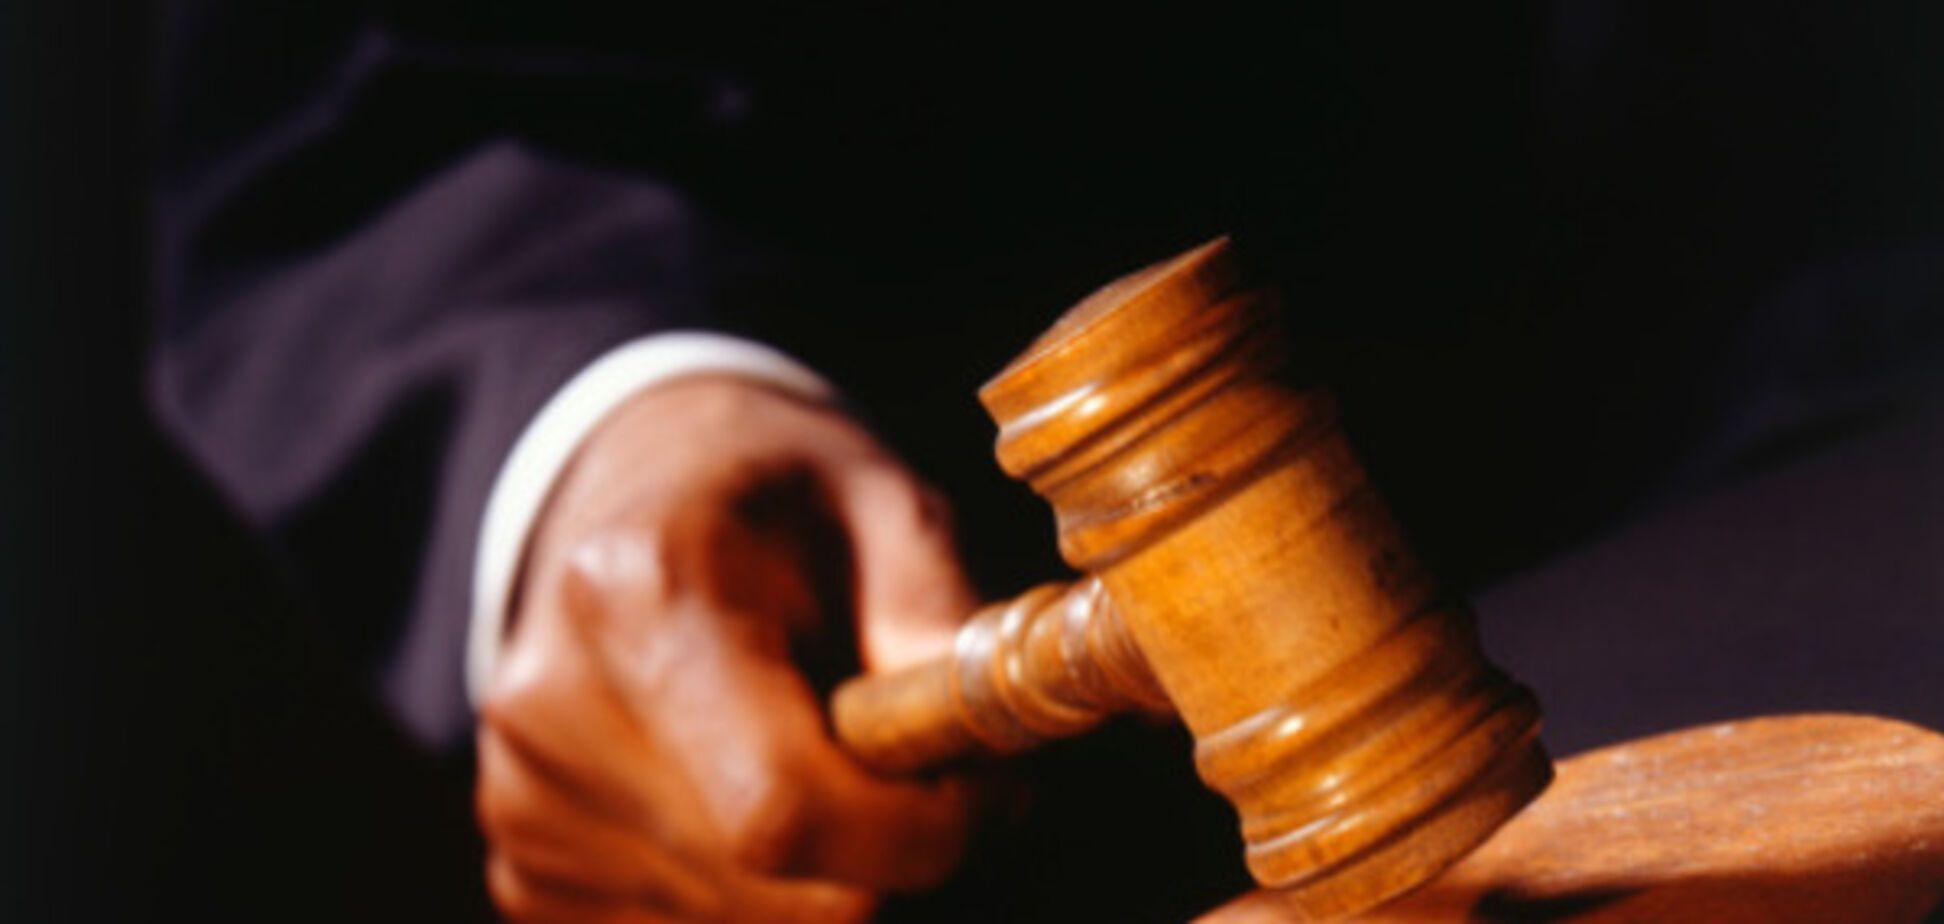 Справу про розстріл патрульних у Дніпрі передадуть до суду